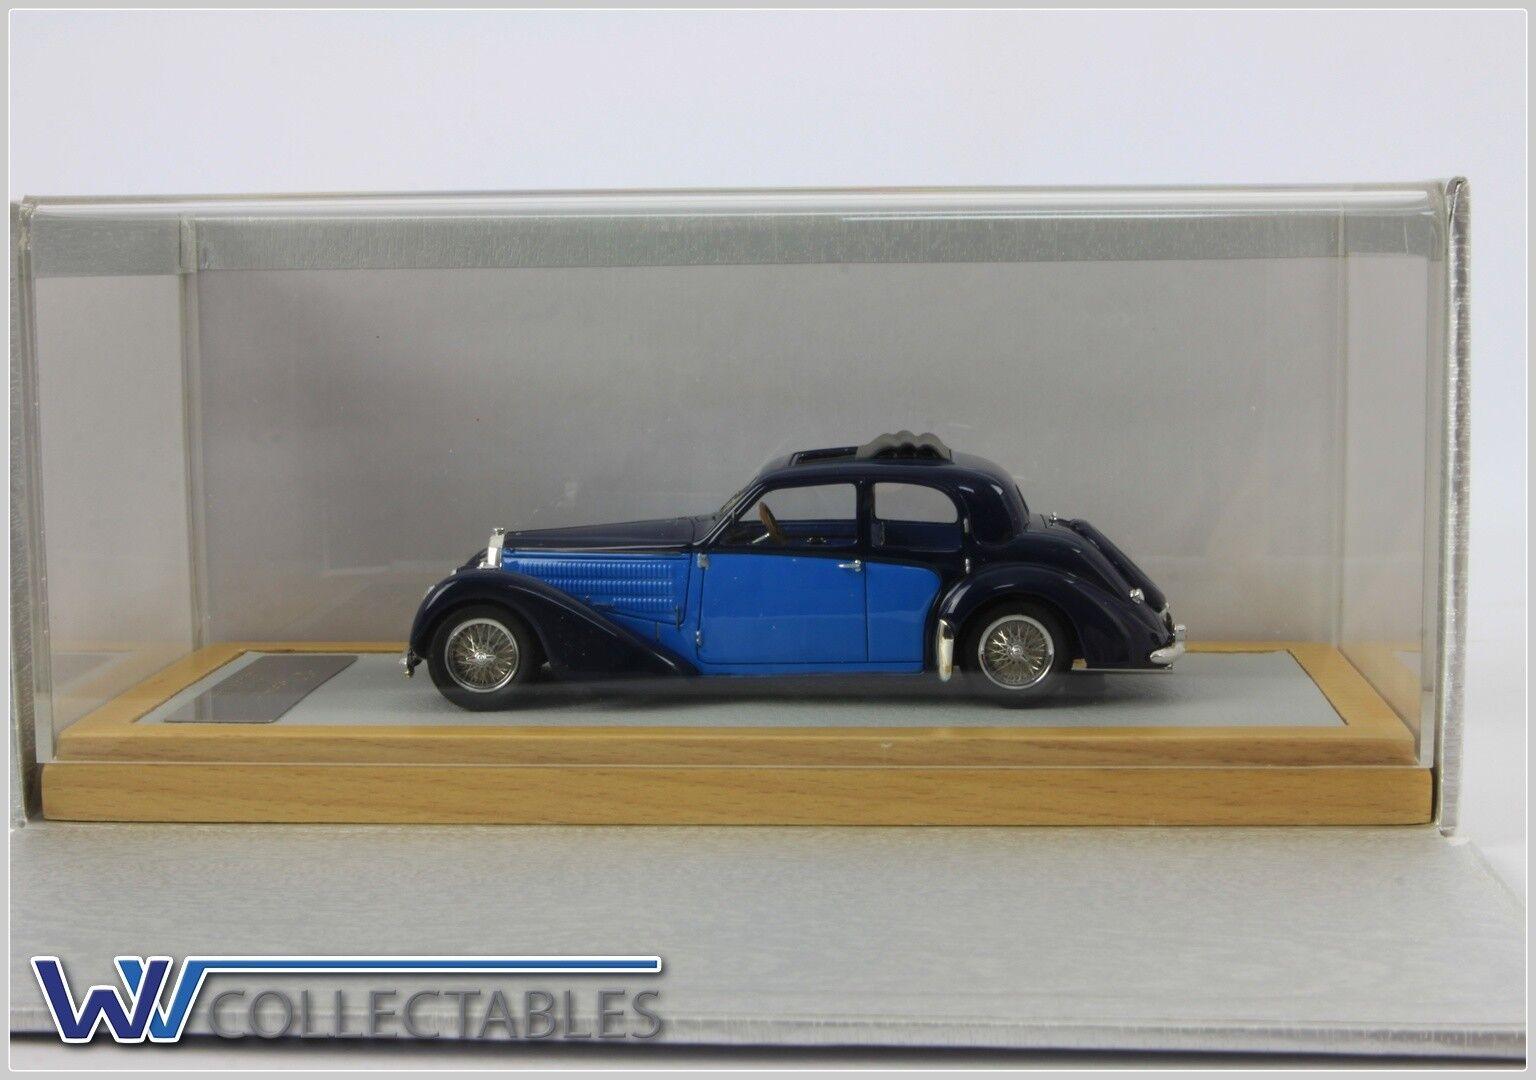 barato Bugatti Bugatti Bugatti t57 galibier 1937 sn57603 2 Tone 1 99 pieces ilario Chromes 1 43 cromático 054  servicio considerado